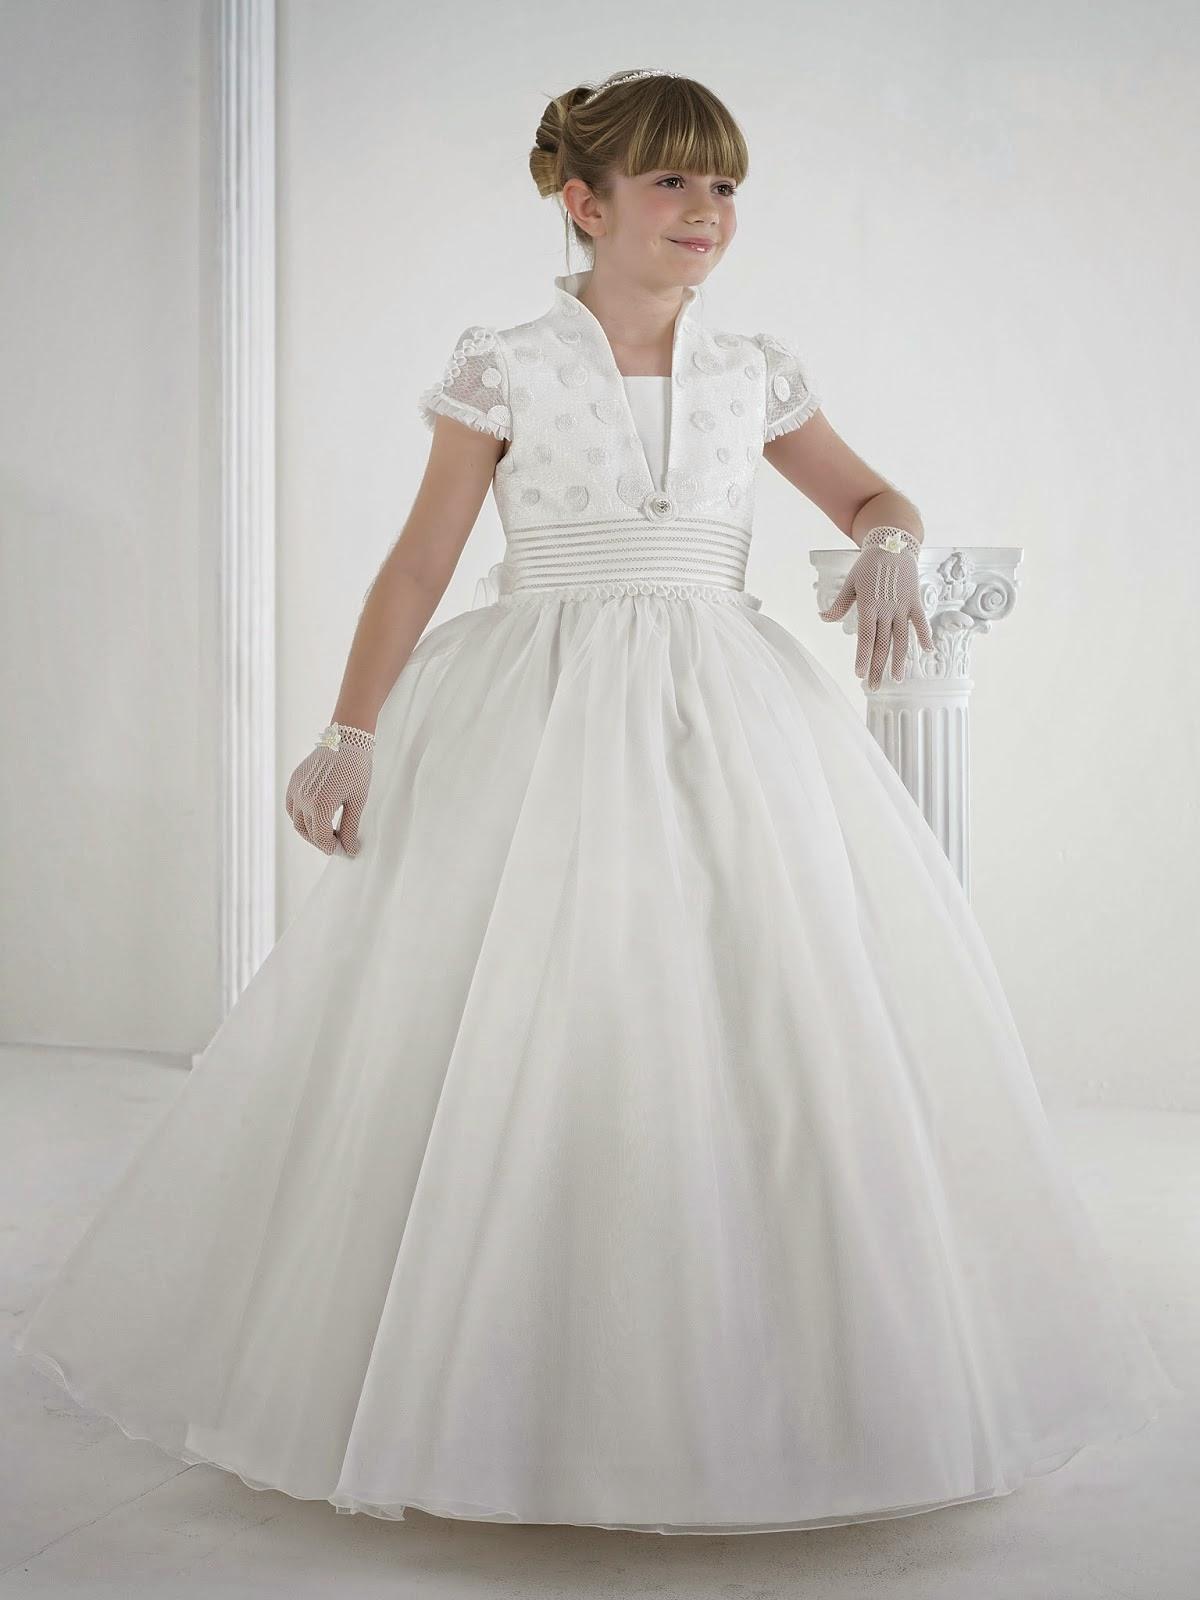 Vestidos de Niñas y Ropa para Niños: Vestidos de primera Comunion 2014